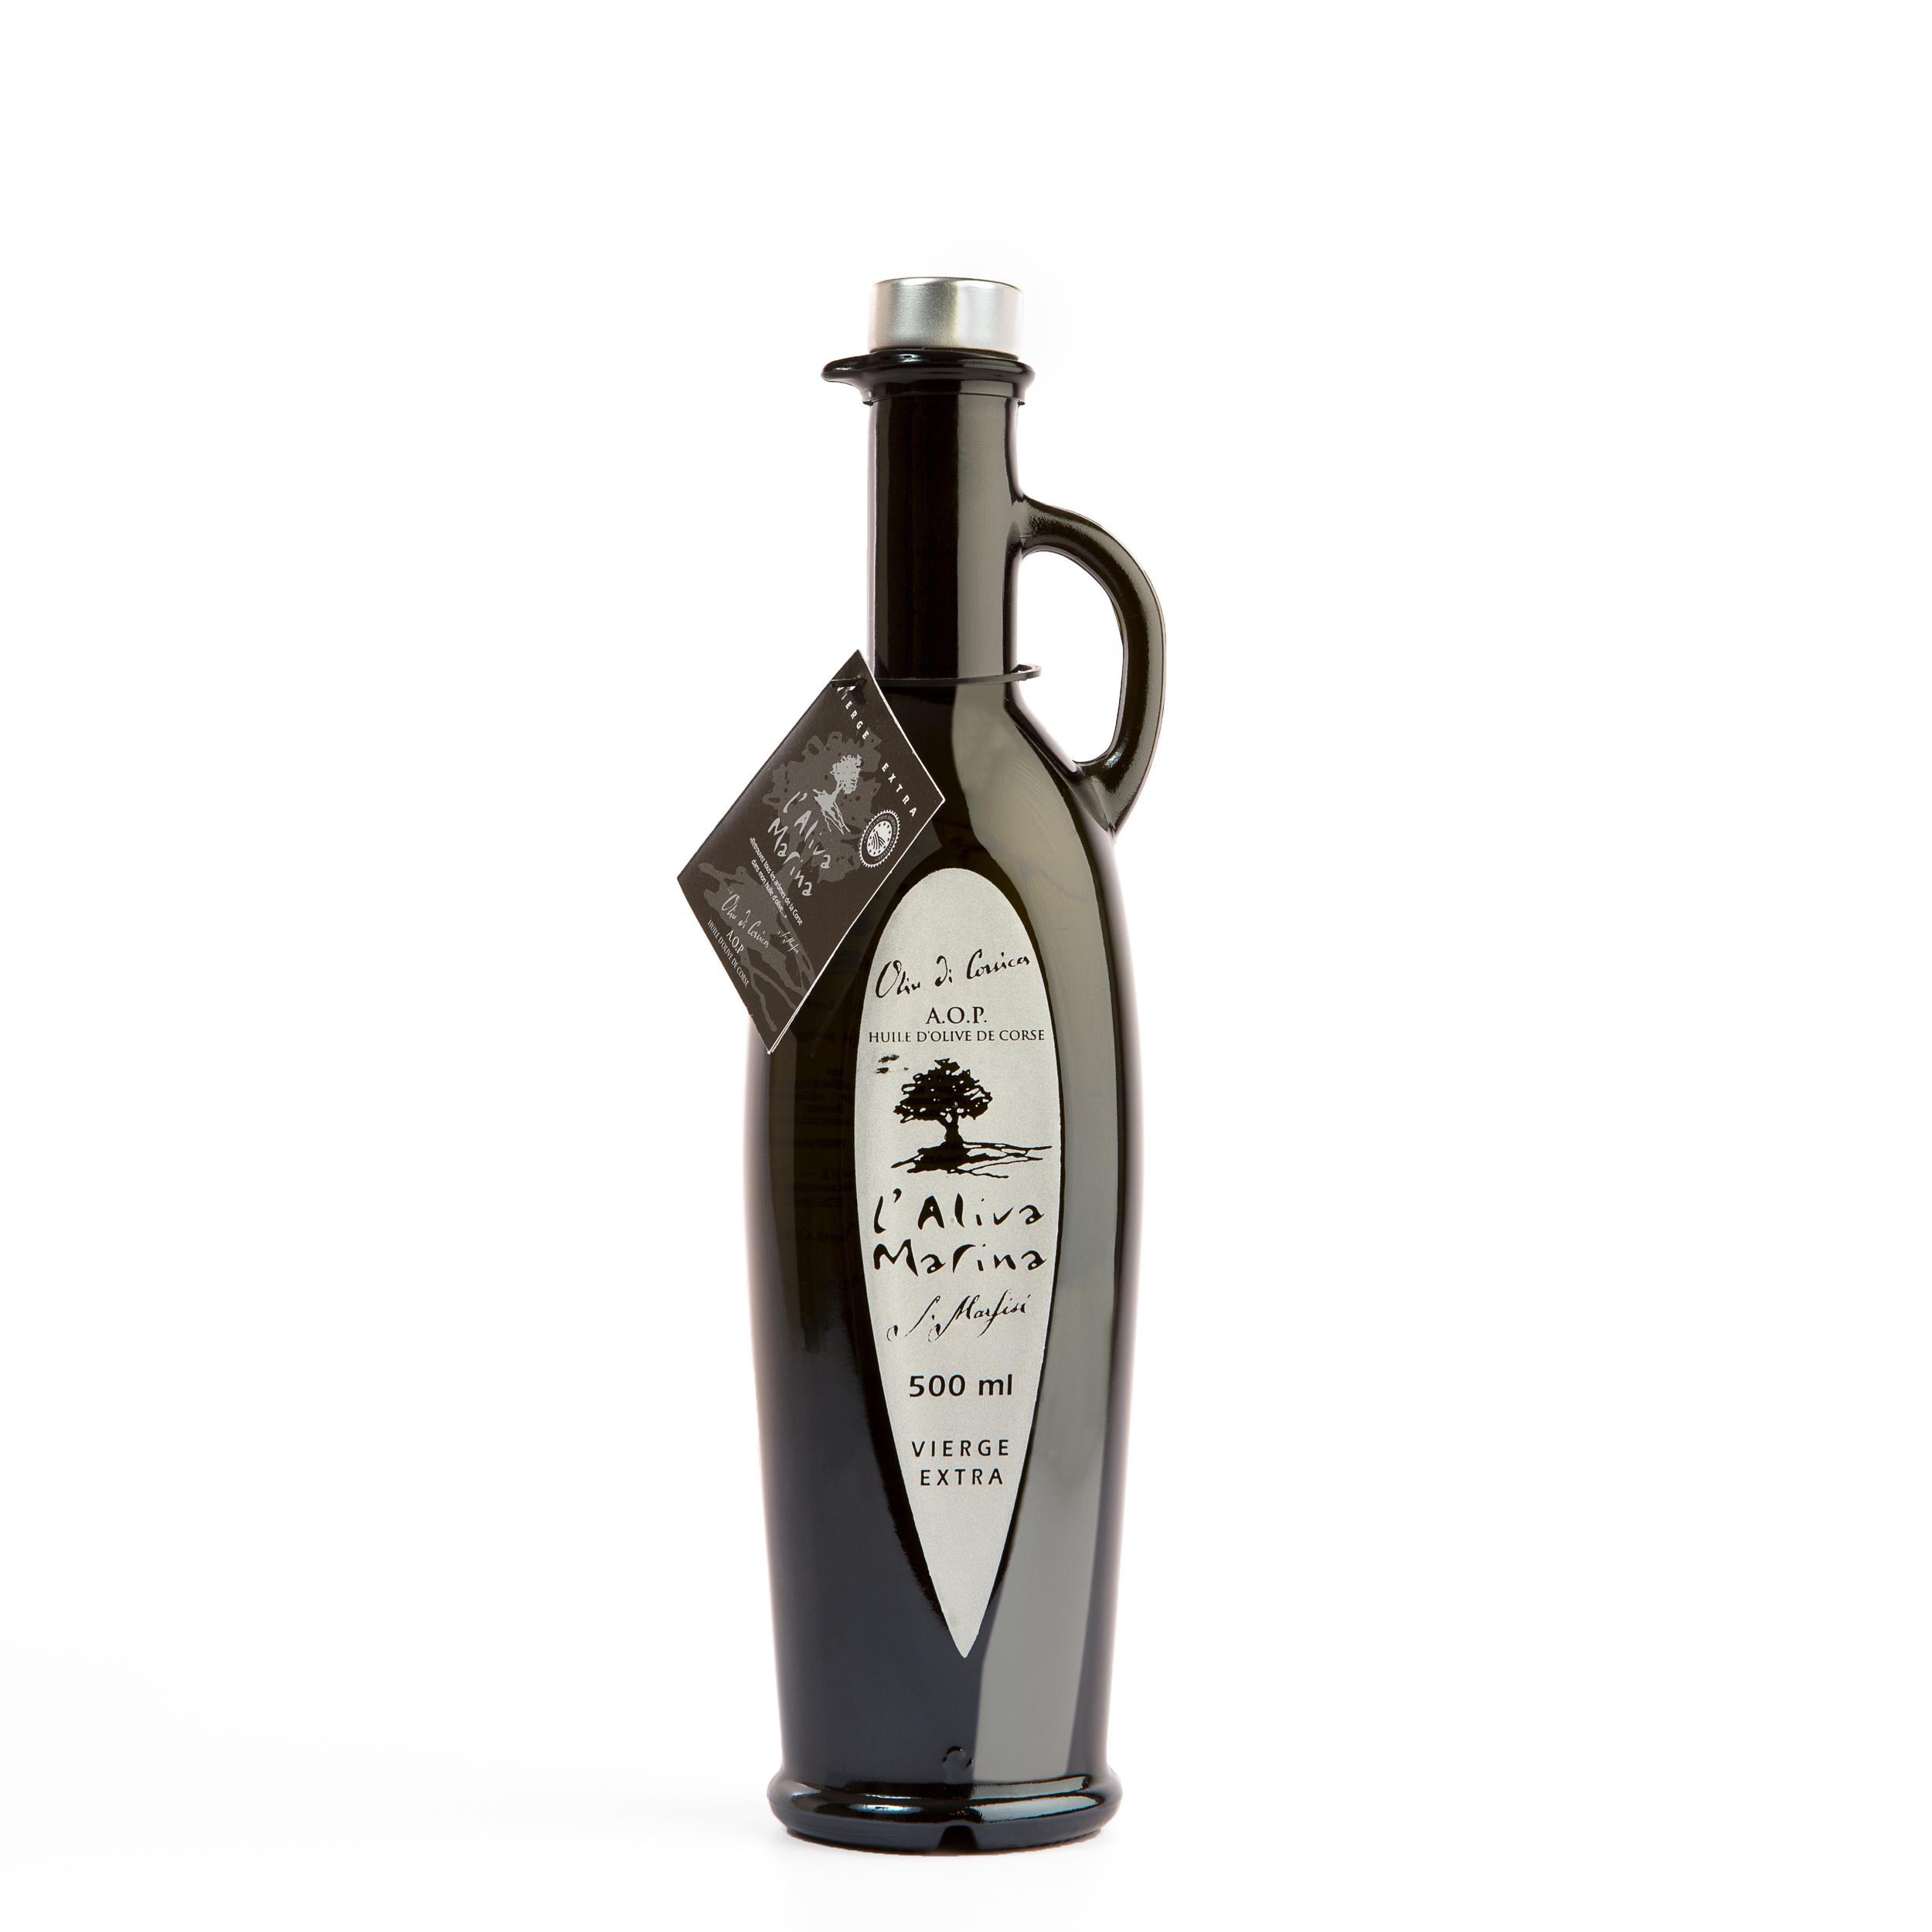 Huile d\' olive de Corse vierge extra AOP Bouteille Amphore 500 ml